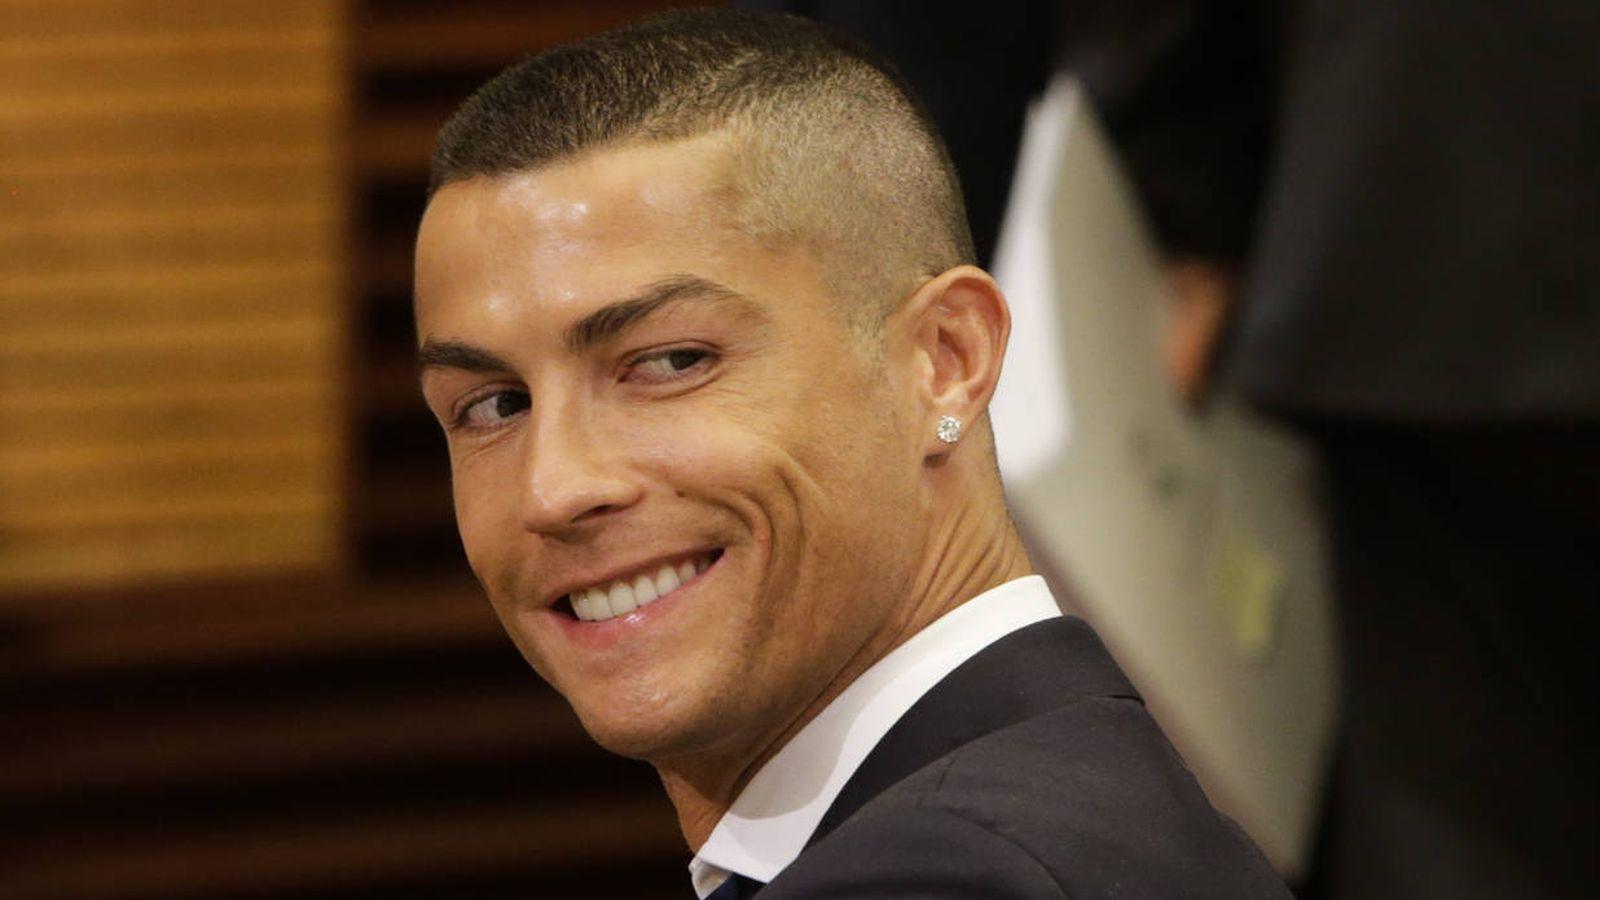 Foto: Cristiano Ronaldo, en una imagen de archivo. (Gtres)